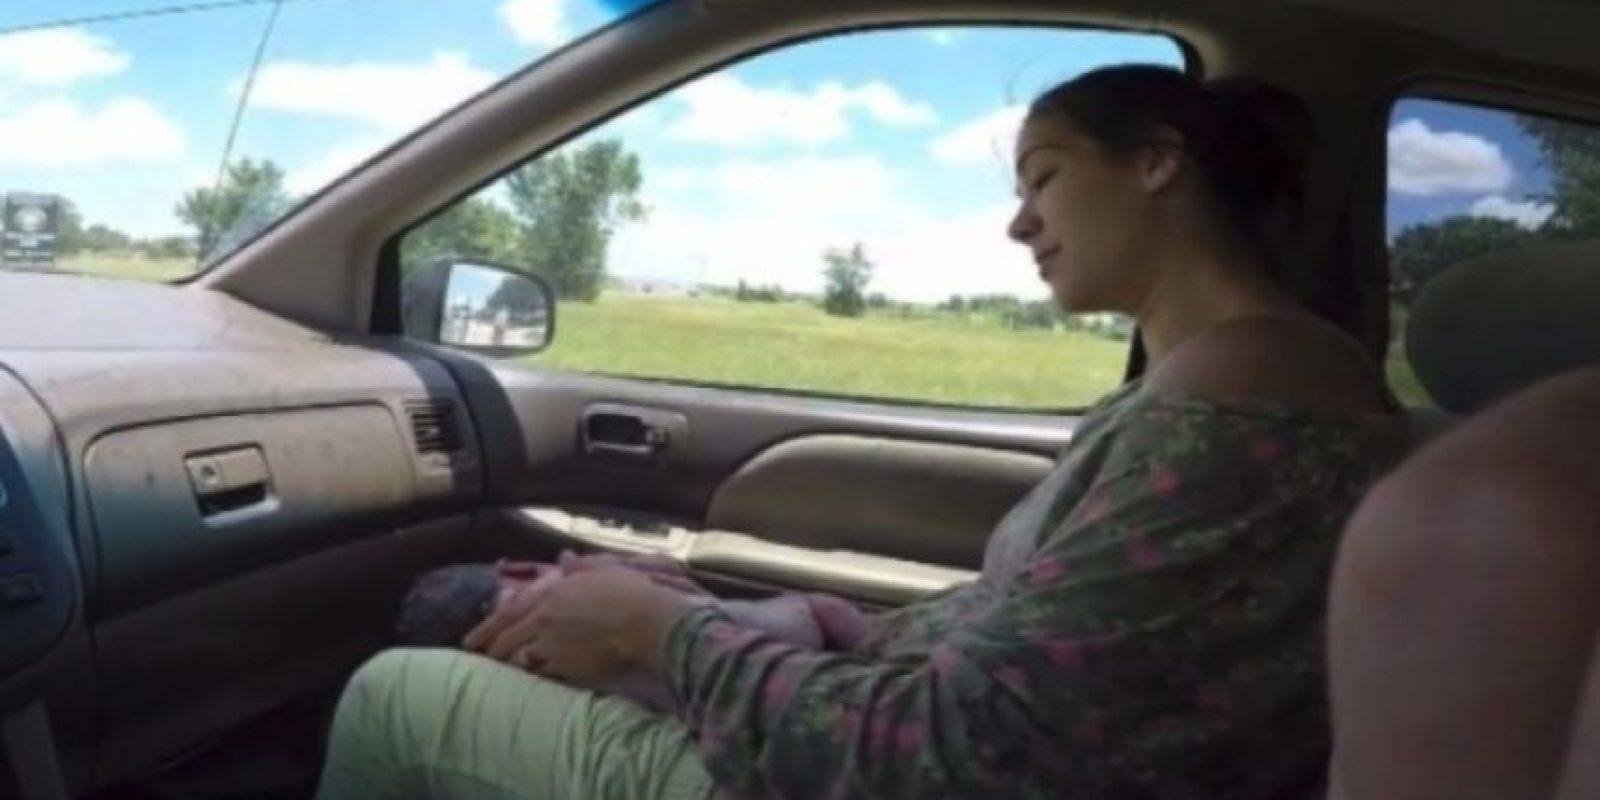 """""""¡Está saliendo! ¡Sácame el cinturón! ¡Dios, el bebé está afuera! ¡Acabamos de tener un bebé! ¡Es un niño! ¡Es un niño!"""", gritaba la mujer al recibir a su hijo. Foto:YouTube/i8thacookies"""